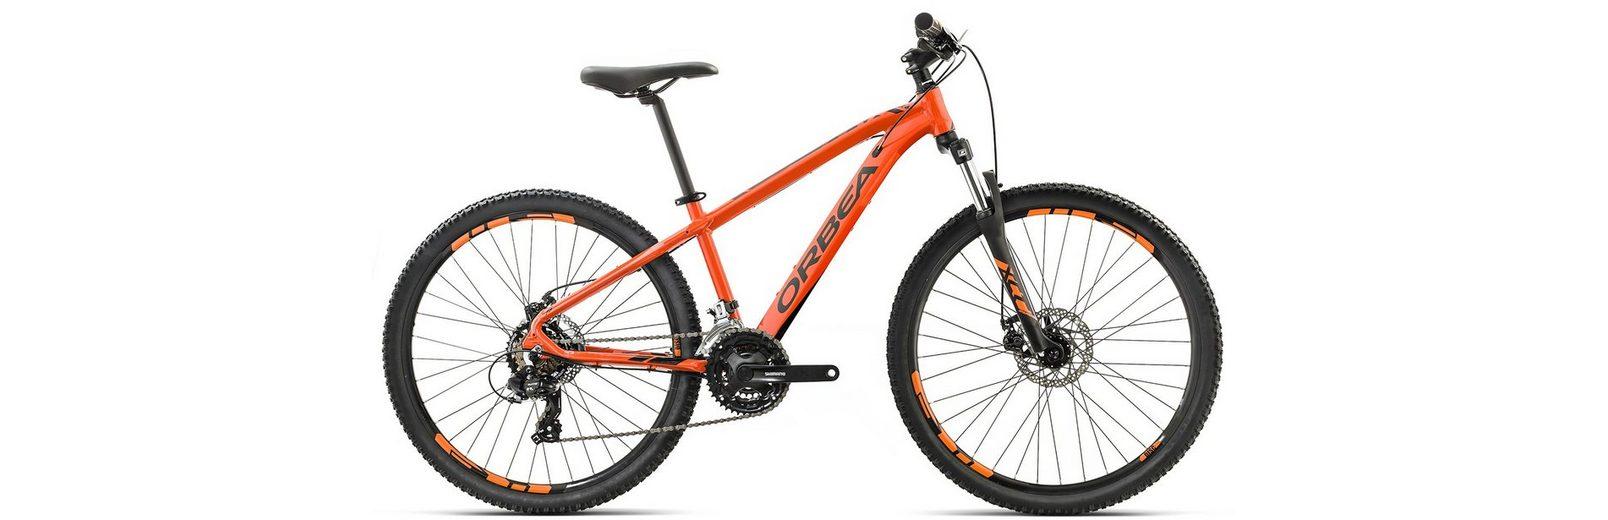 ORBEA Hardtail Mountainbike, 26 Zoll, 24 Gang Shimano Altus Kettenschaltung, »MX 26 Dirt«